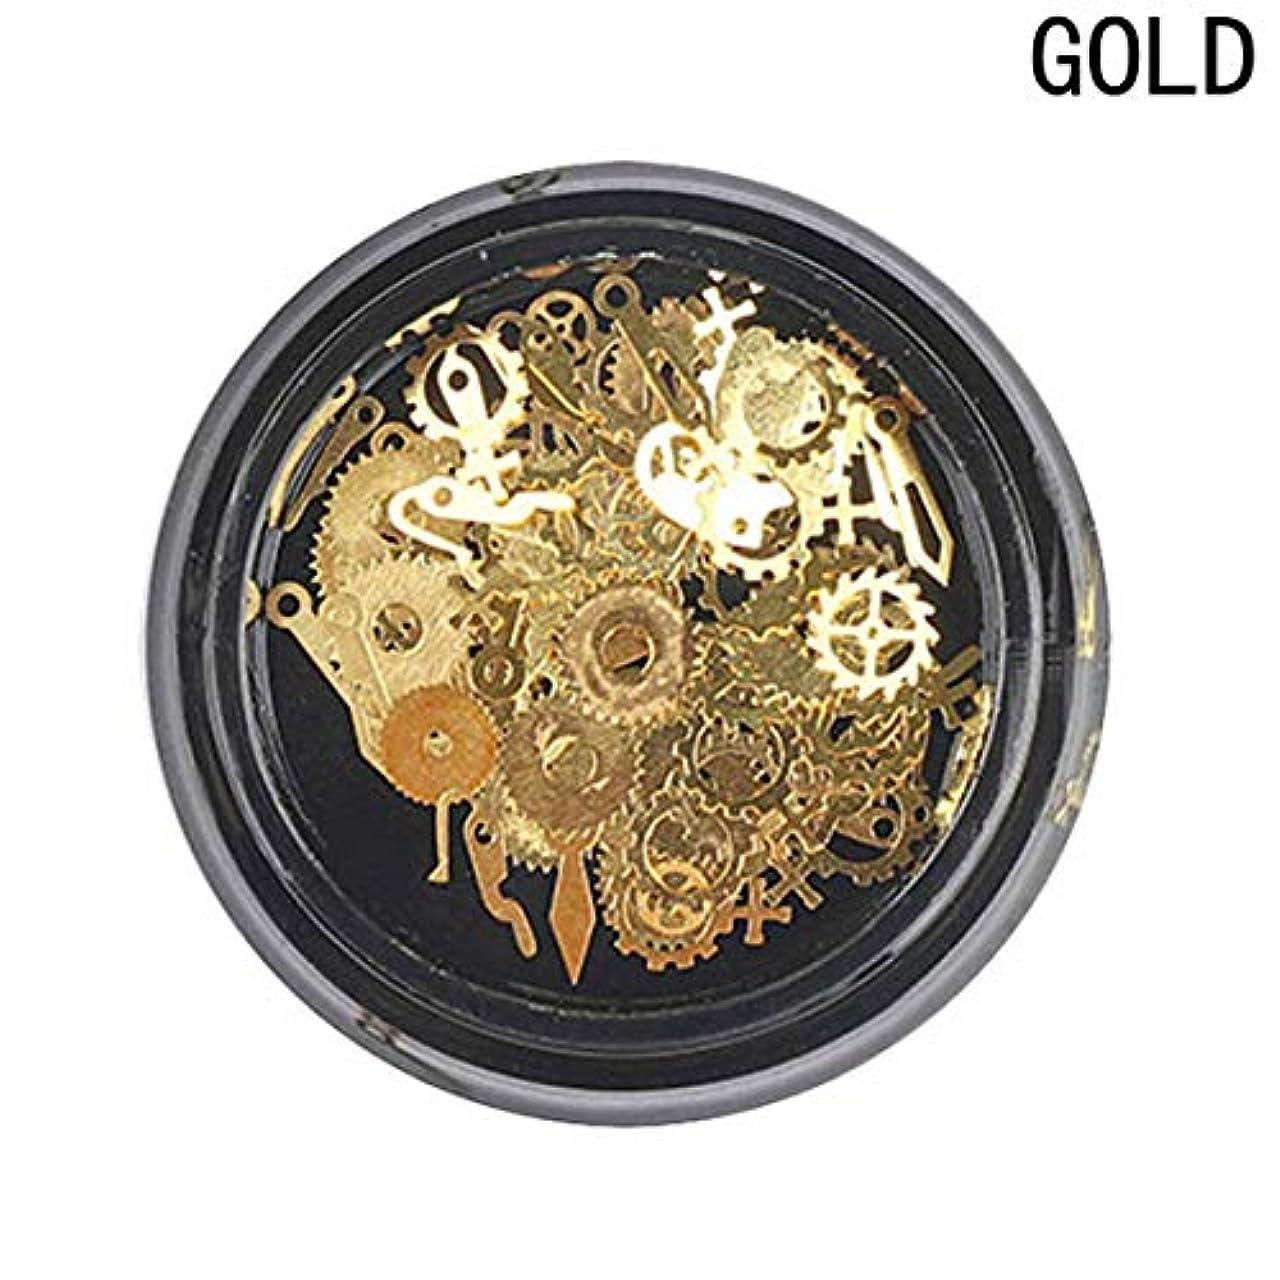 花輪定期的なペデスタルYoshilimen 新しいスタイルファッションユニークな合金蒸気パンクギアネイルアート装飾金属スタイルの創造的な女性の爪DIYアクセサリー1ボックス(None golden)